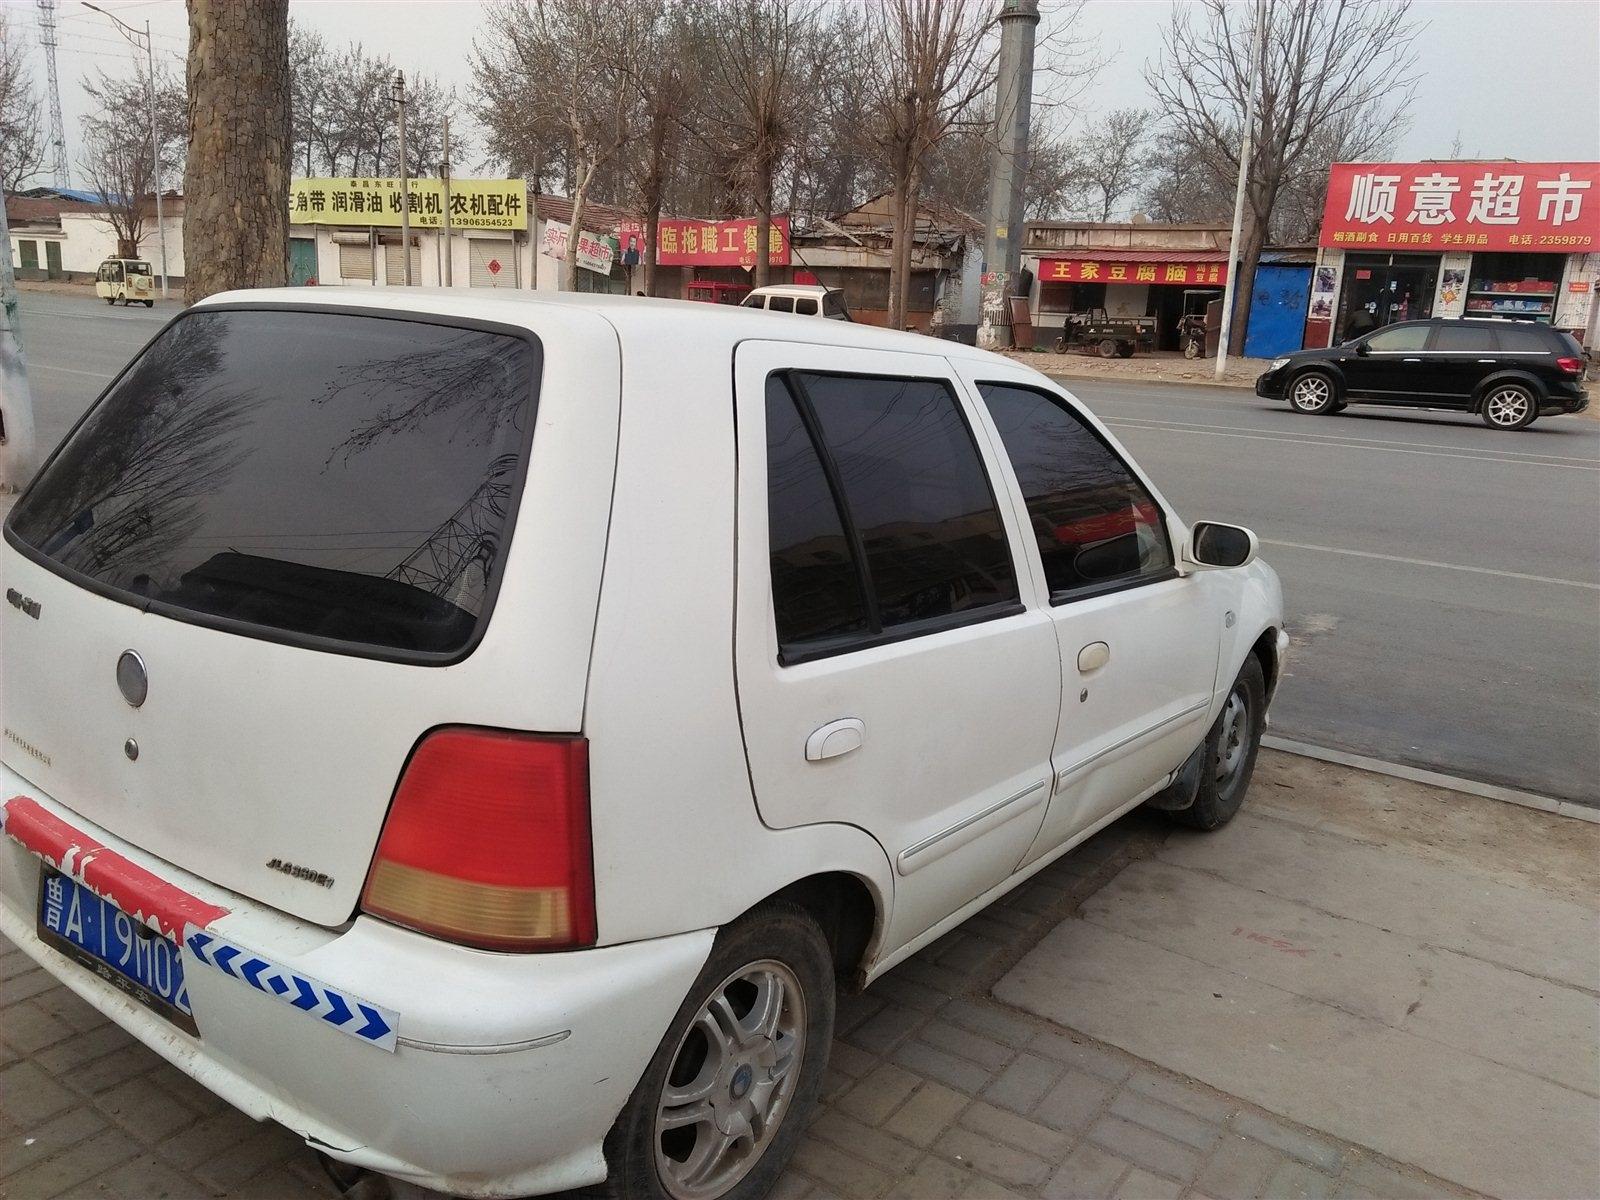 车辆图片11